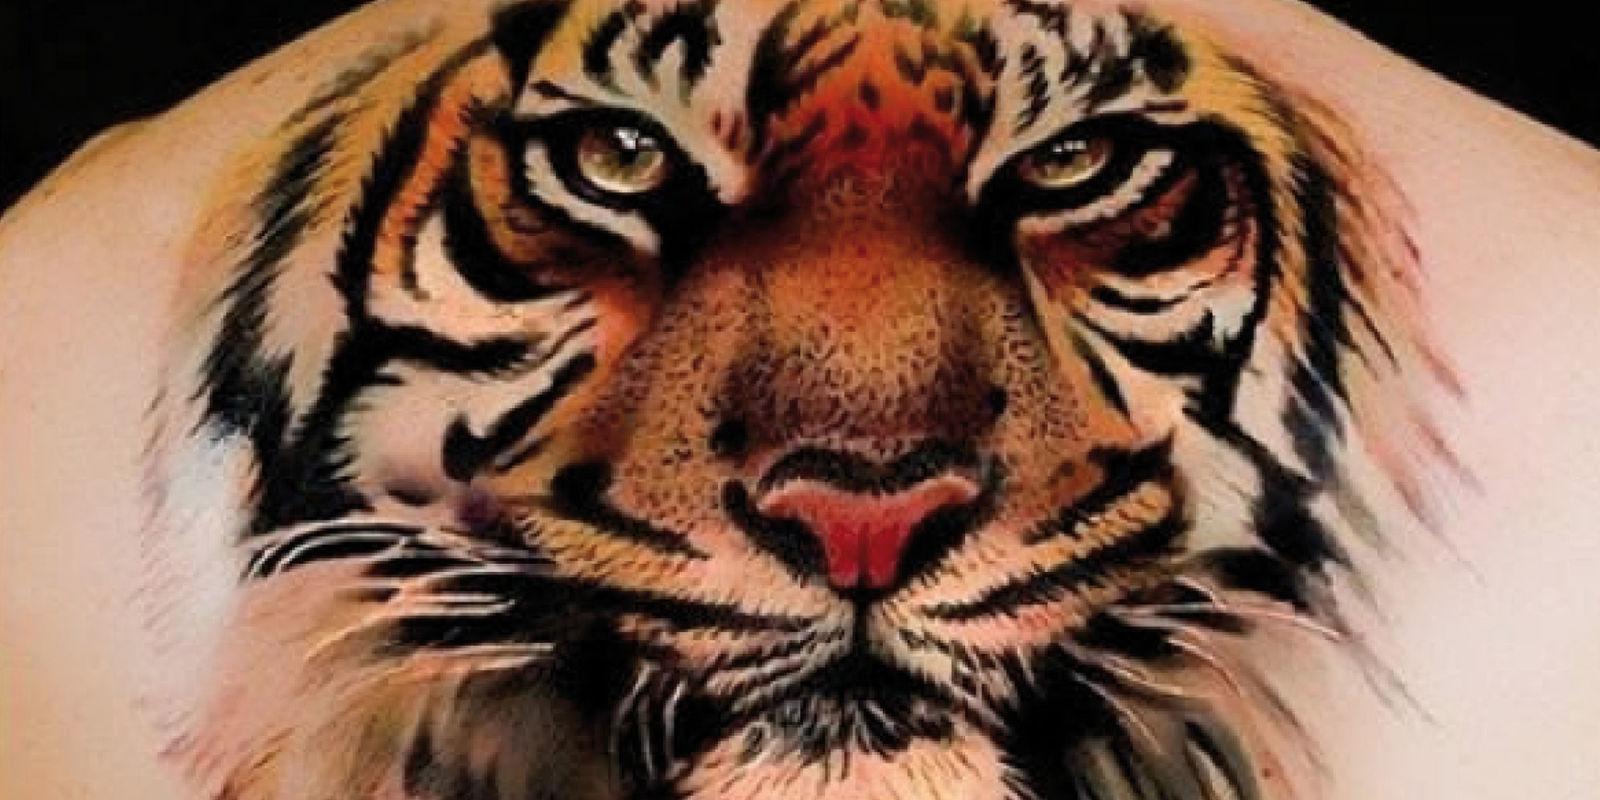 Tigre 29 tatuaggi per celebrare la giornata mondiale for The best tattoo ink